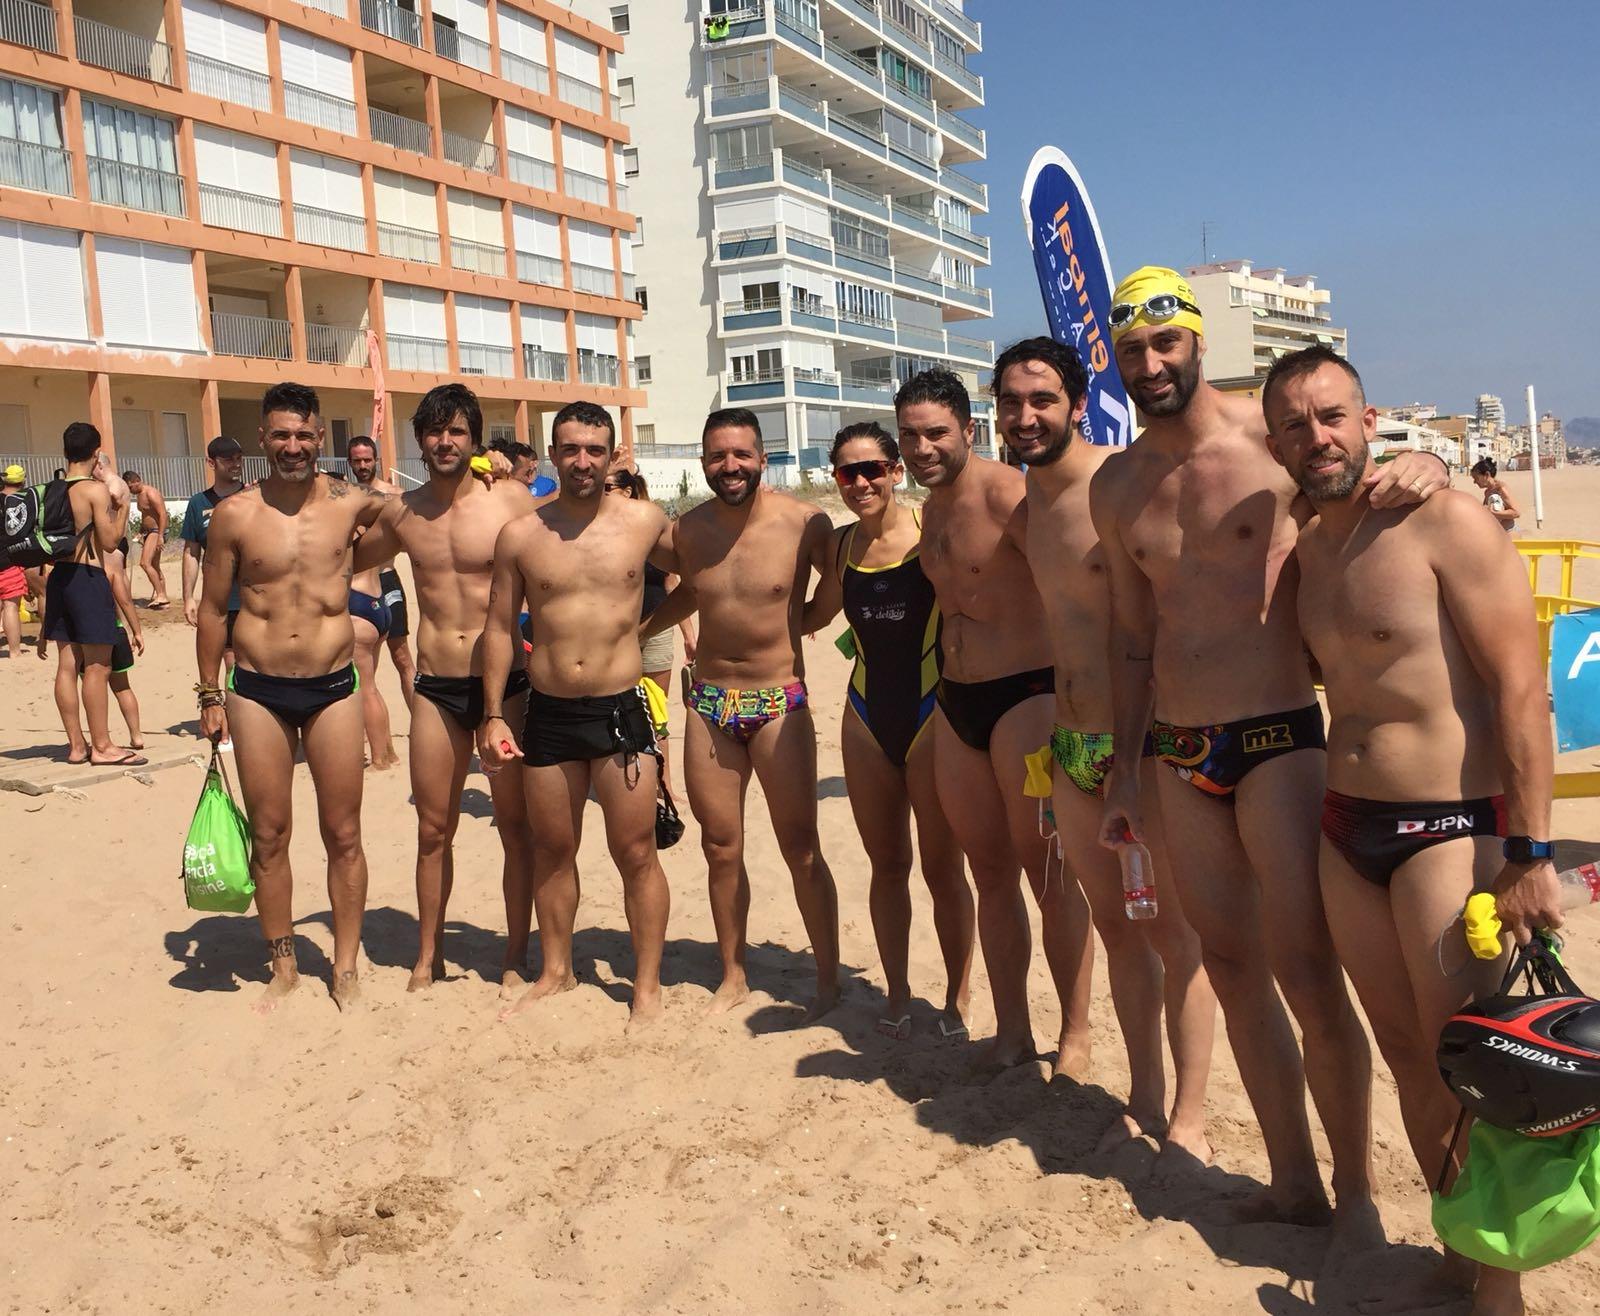 Grup d'atletes dissabte a la Travessia a la Platja de Tavernes.